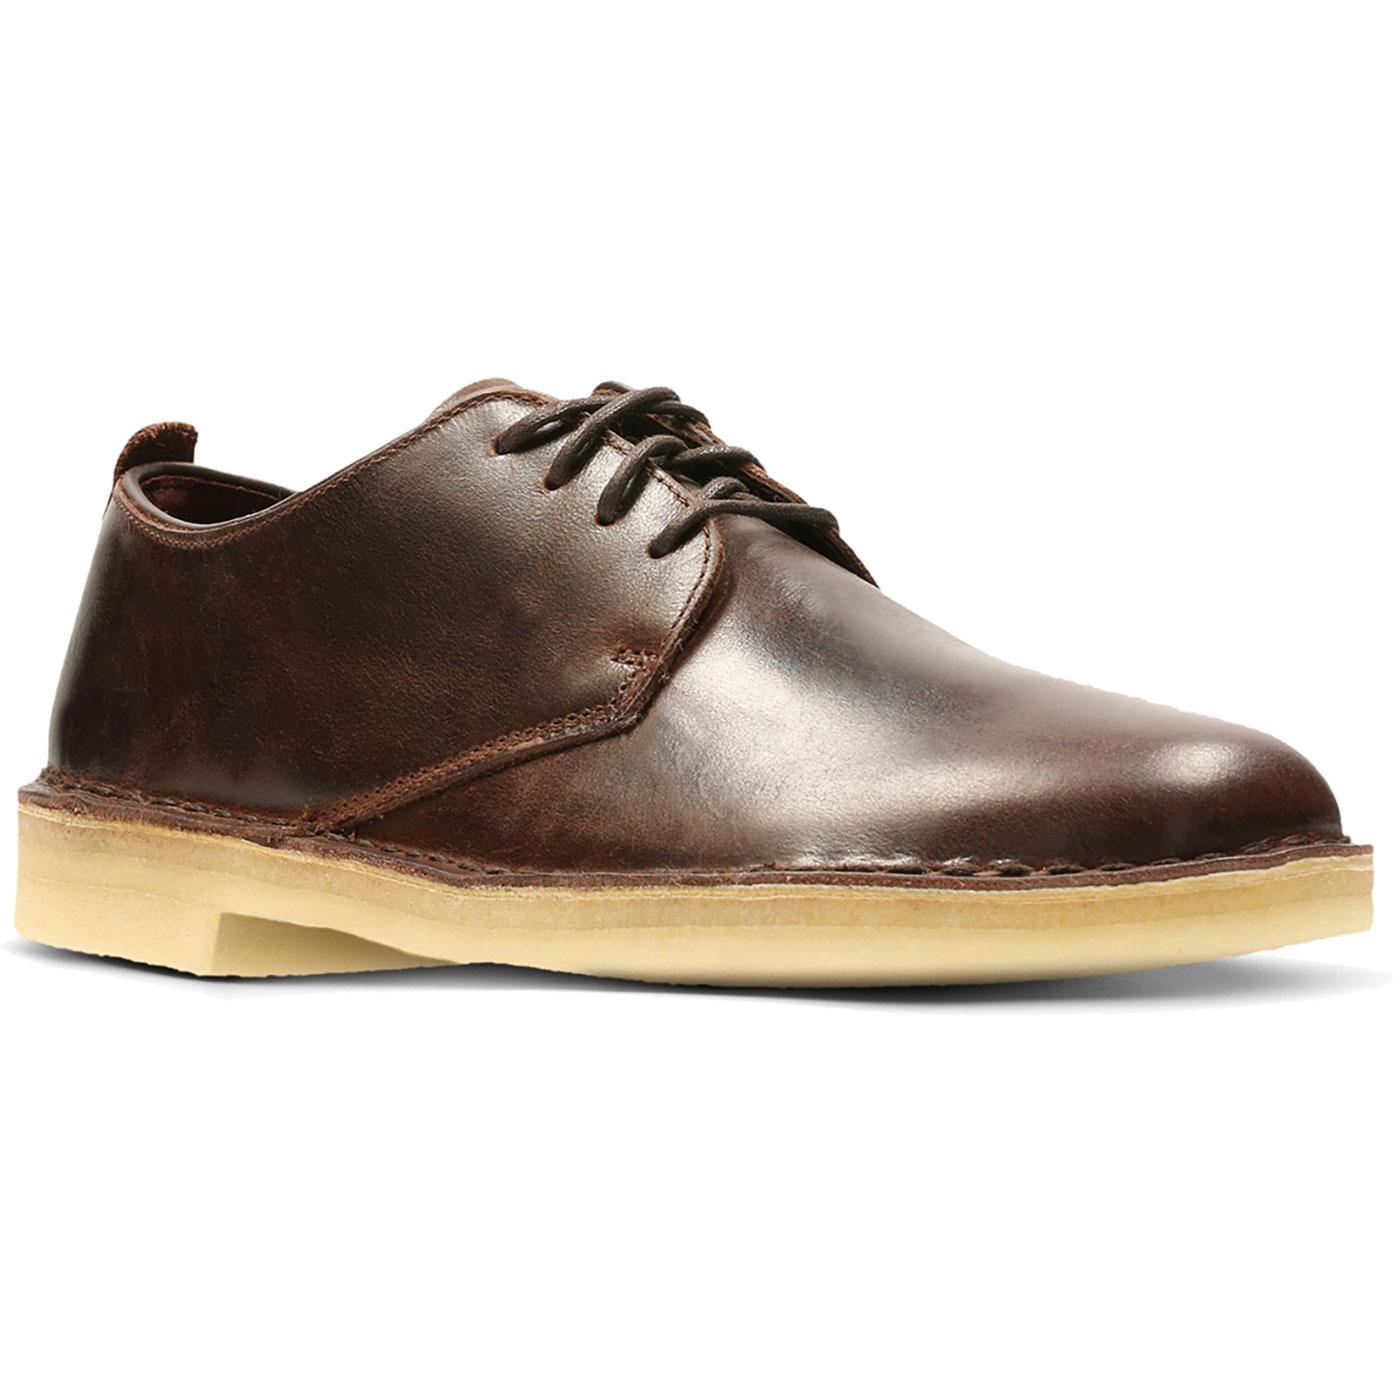 Desert London CLARKS ORIGINALS Womens Shoes (Ch)